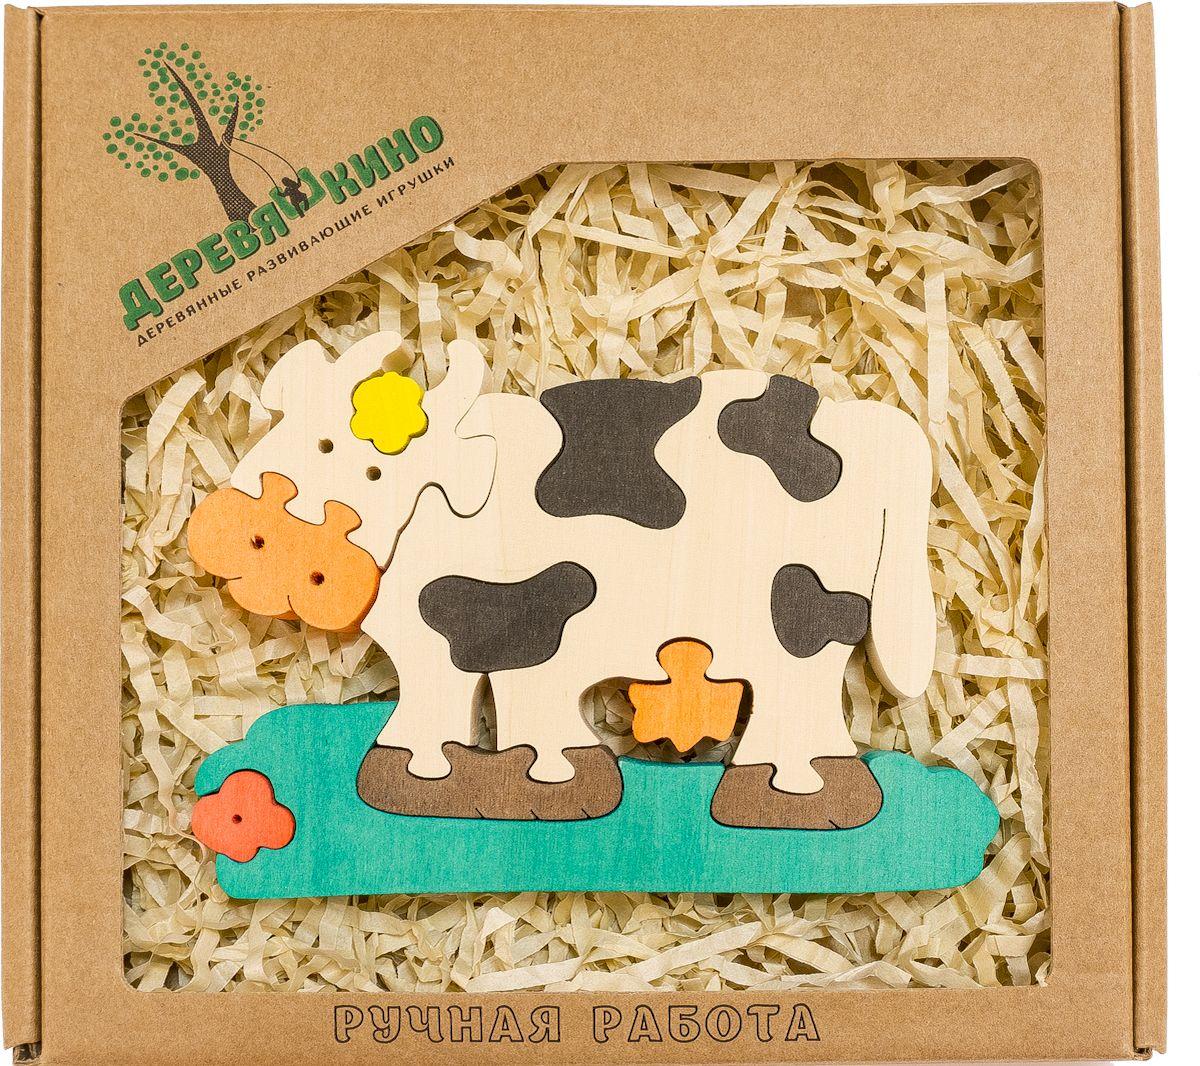 Фото Деревяшкино Пазл для малышей Коровка с ромашкой. Купить  в РФ